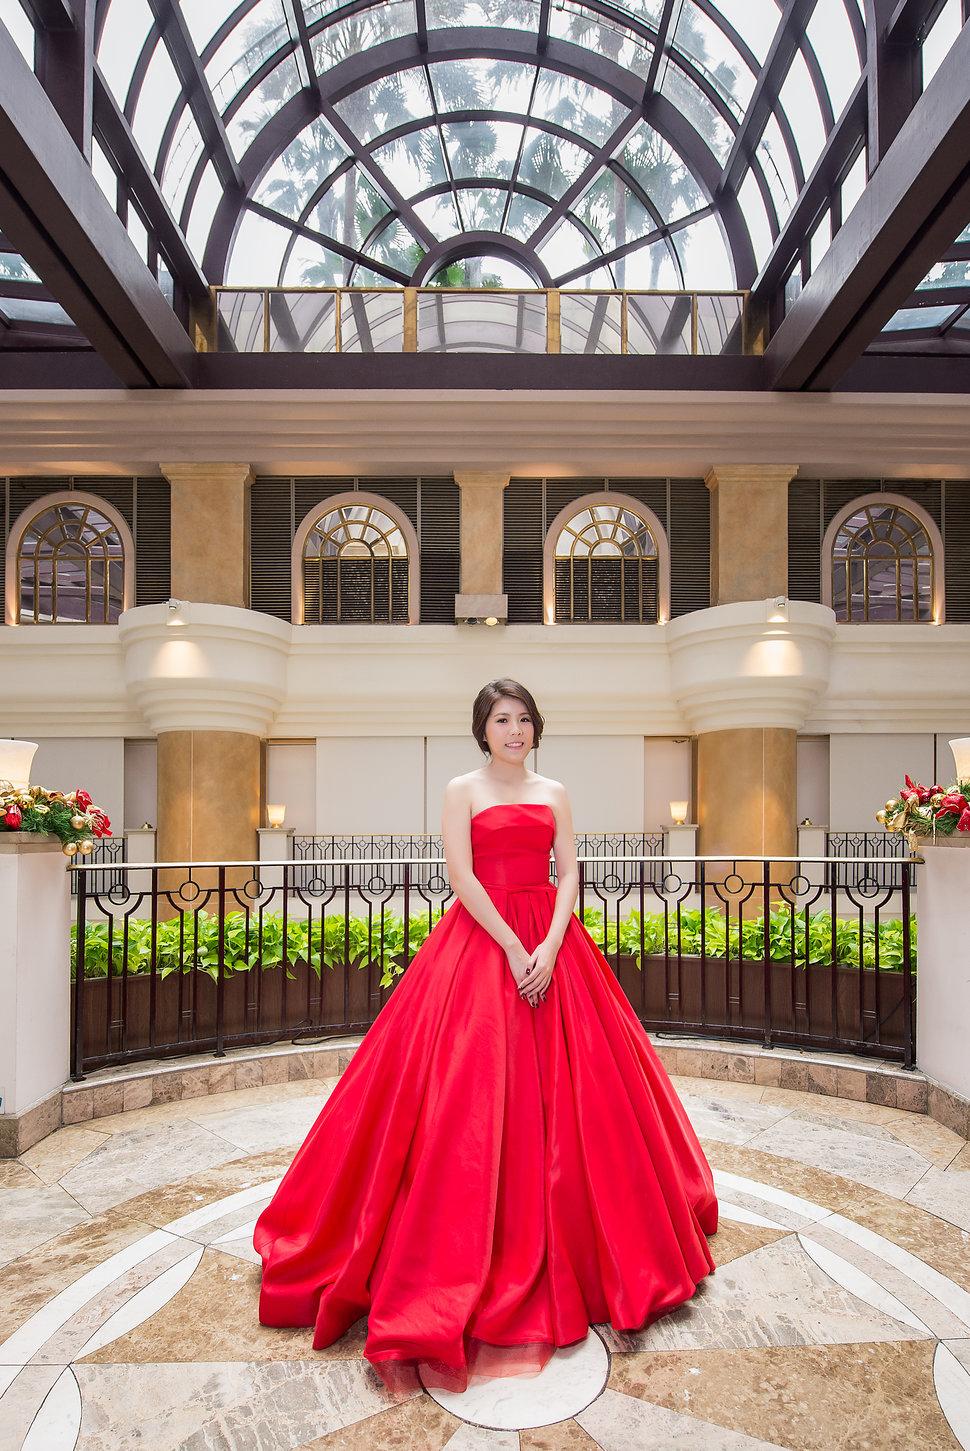 [台北婚攝] 文定婚禮紀錄 台北君悅酒店(編號:432014) - LoveStoryAllen IMAGE - 結婚吧一站式婚禮服務平台